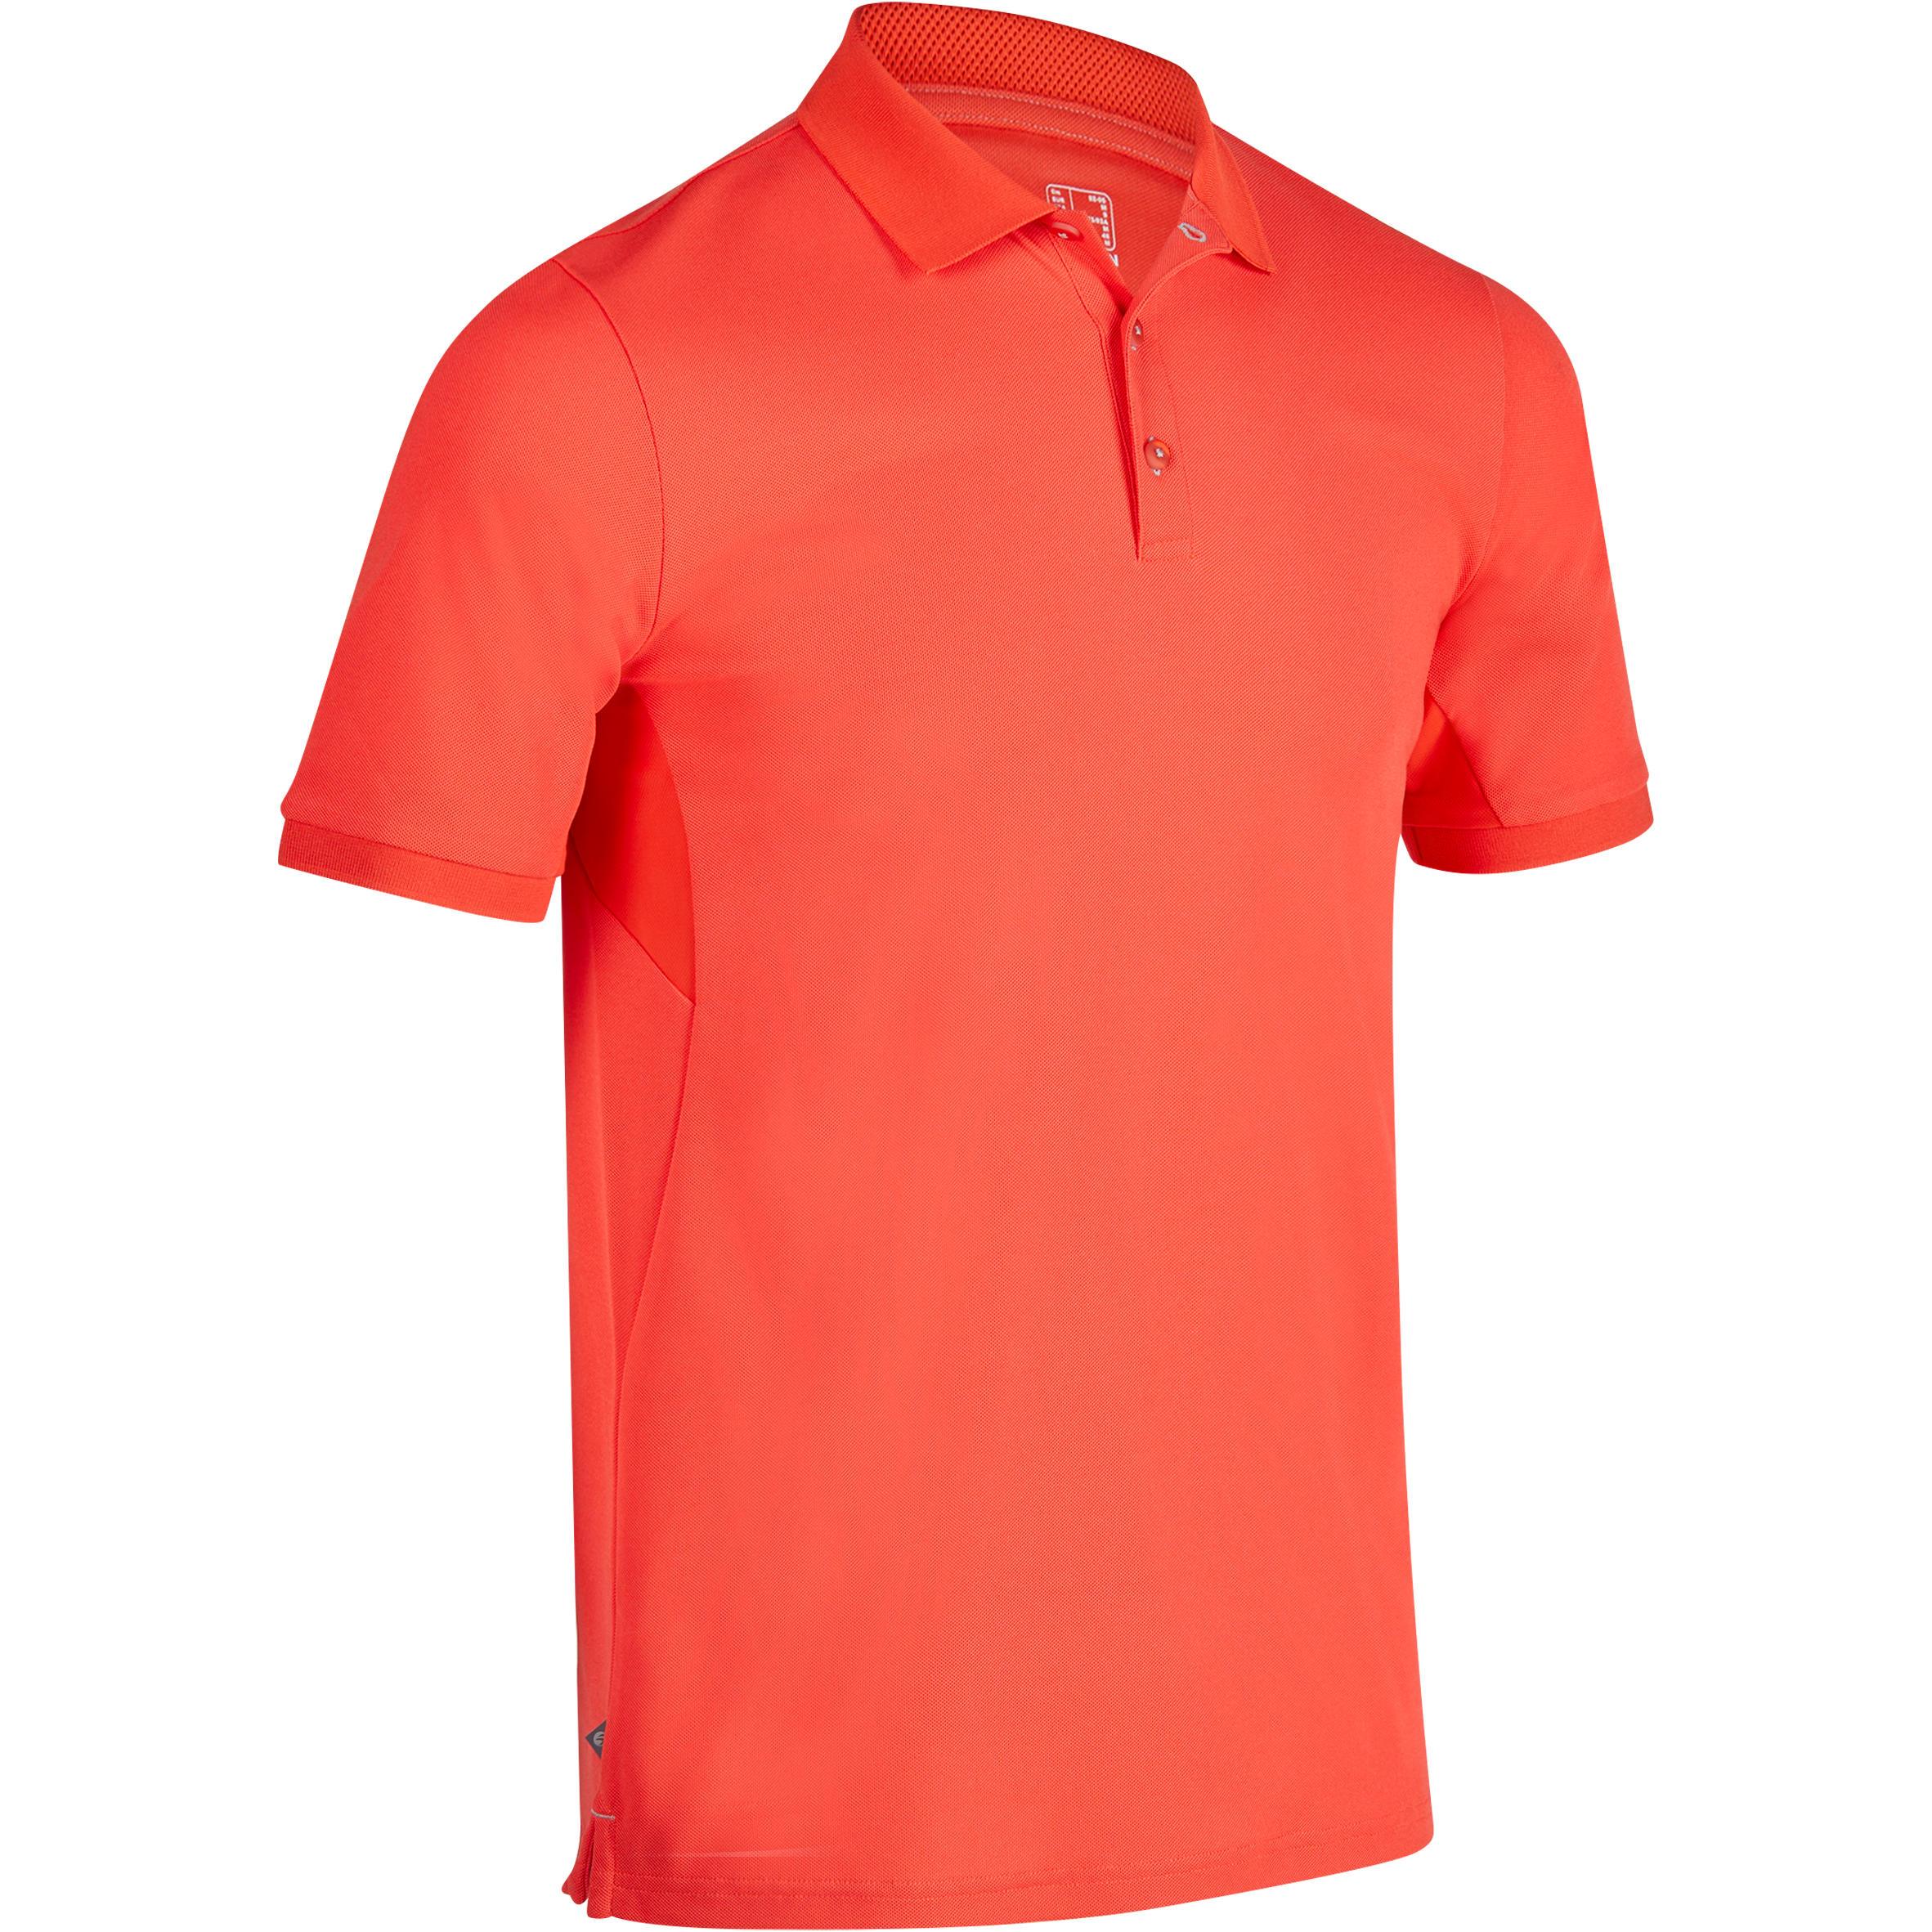 Polo de golf para hombre - manga corta 900 - clima caluroso - rojo